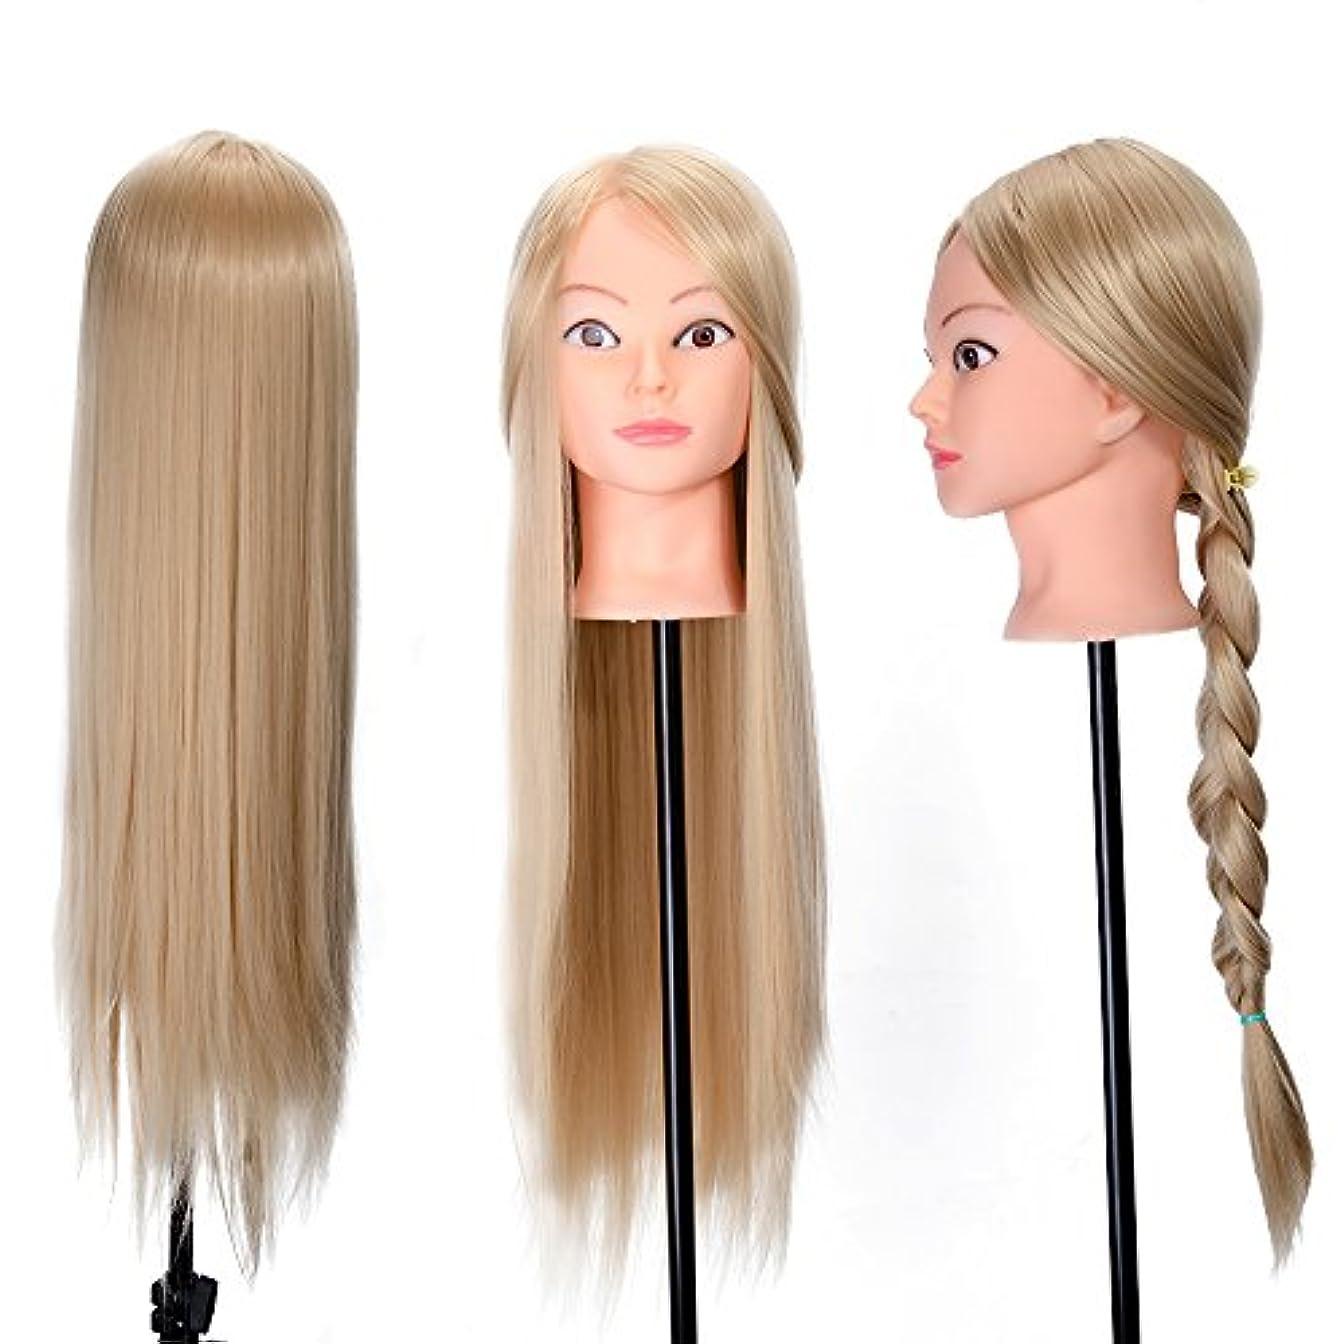 北損傷ストレージ26インチトレーニングヘッドヘア編組モデルヘアスタイル人形でテーブルクランプサロンスタイリングデザインマネキンダミーヘッド